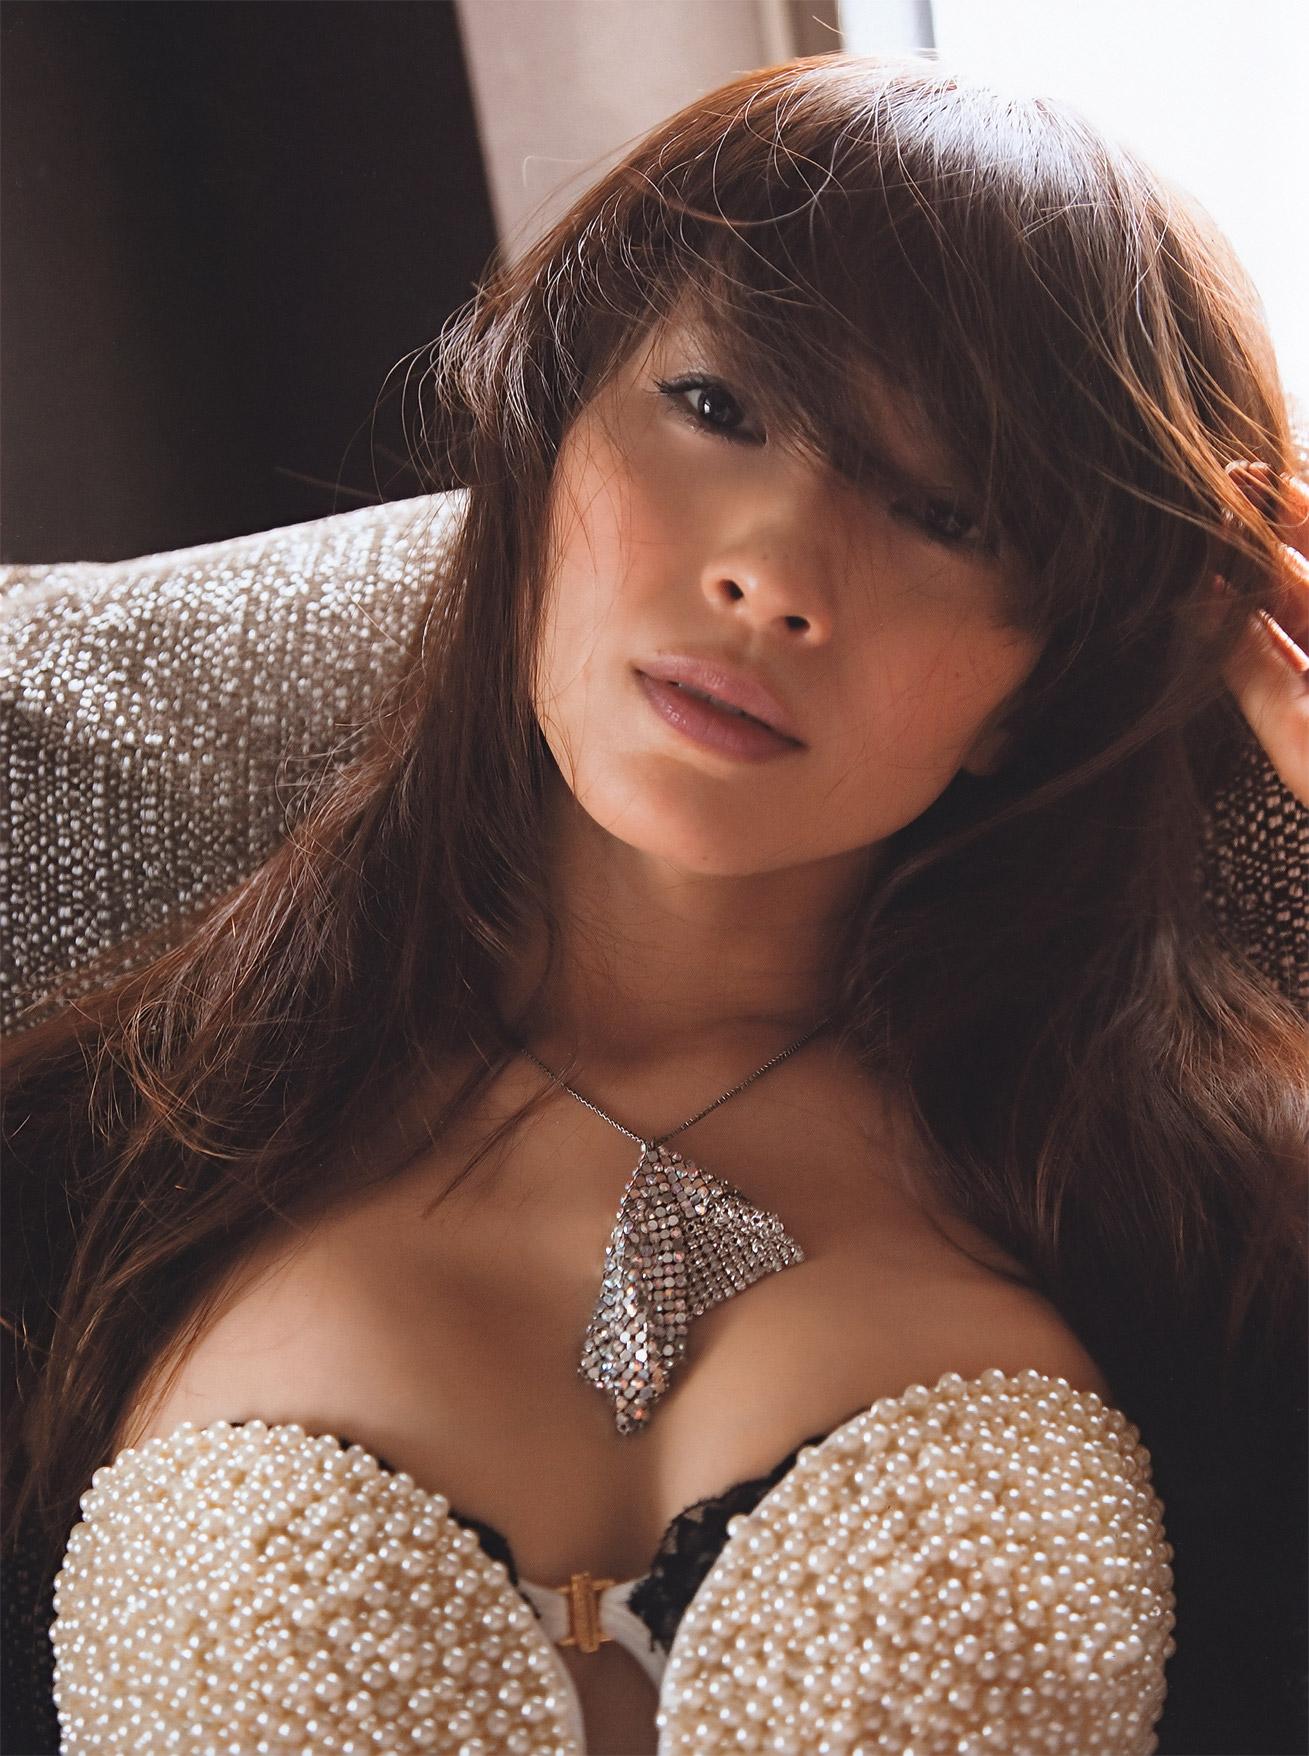 【三浦理恵子アイコラヌード】おっぱい丸見え!こんなエロくて美人なBBAならマジ抱きたいよなwwwww女優・芸能人お宝画像★・15枚目の画像